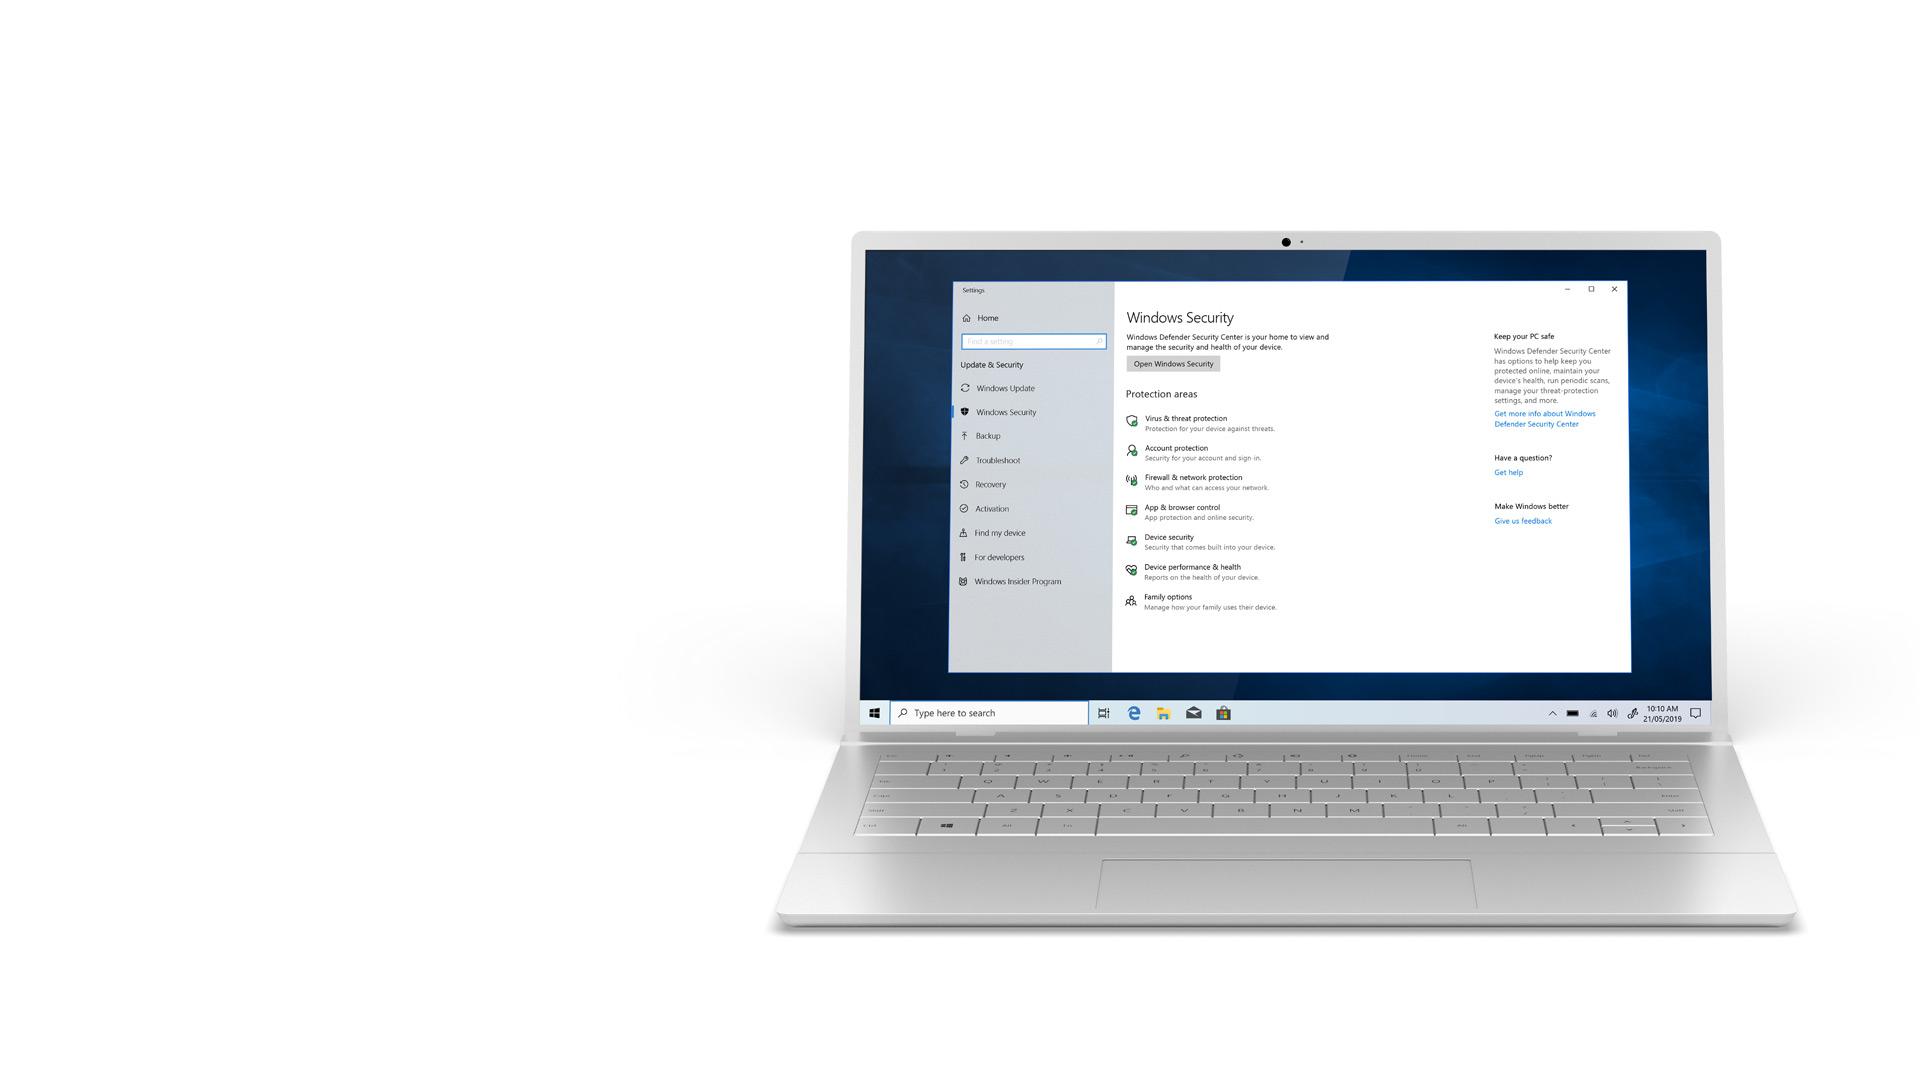 Ein Windows 10-Laptop, der einen Windows 10-Sicherheitscenter-Bildschirm anzeigt